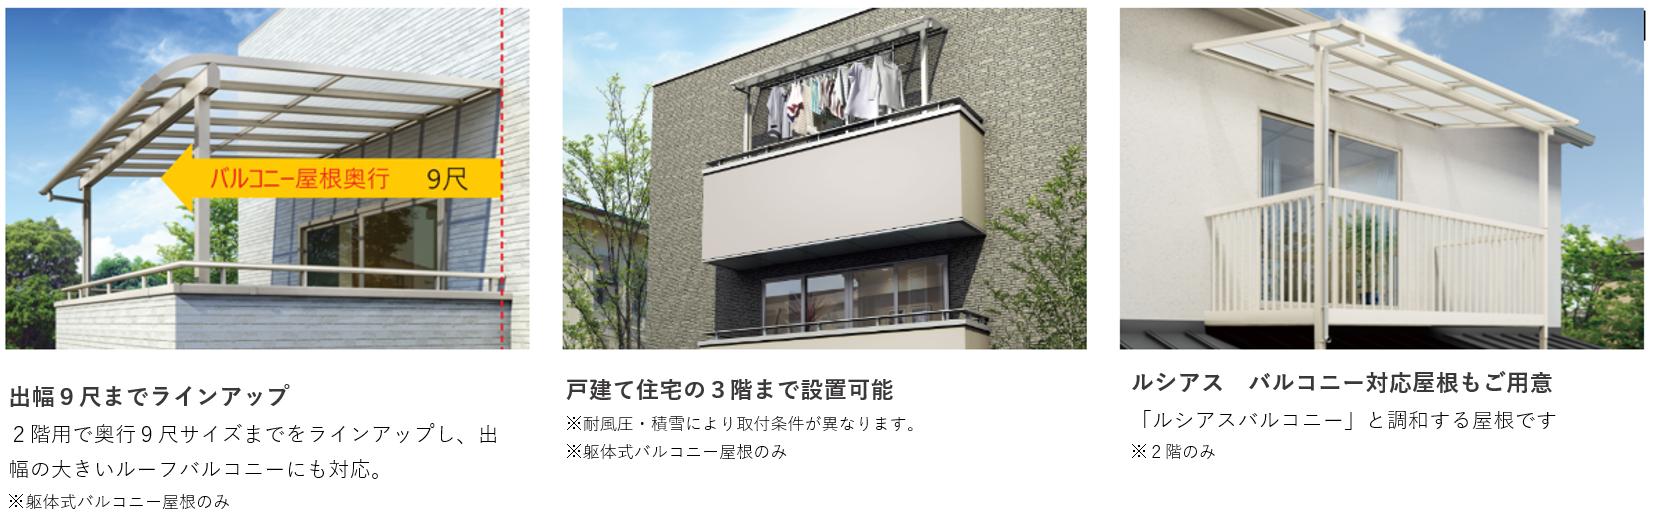 出幅9尺までラインナップ 2階用で奥行9尺サイズまでをラインアップし、出幅の大きいルーフバルコニーにも対応。※躯体式バルコニー屋根のみ 戸建て住宅の3階まで設置可能 ※耐風圧・積雪により取付条件が異なります。※躯体式バルコニー屋根のみ ルシアス バルコニー対応屋根もご用意 「ルシアスバルコニー」と調和する屋根です。※2階のみ